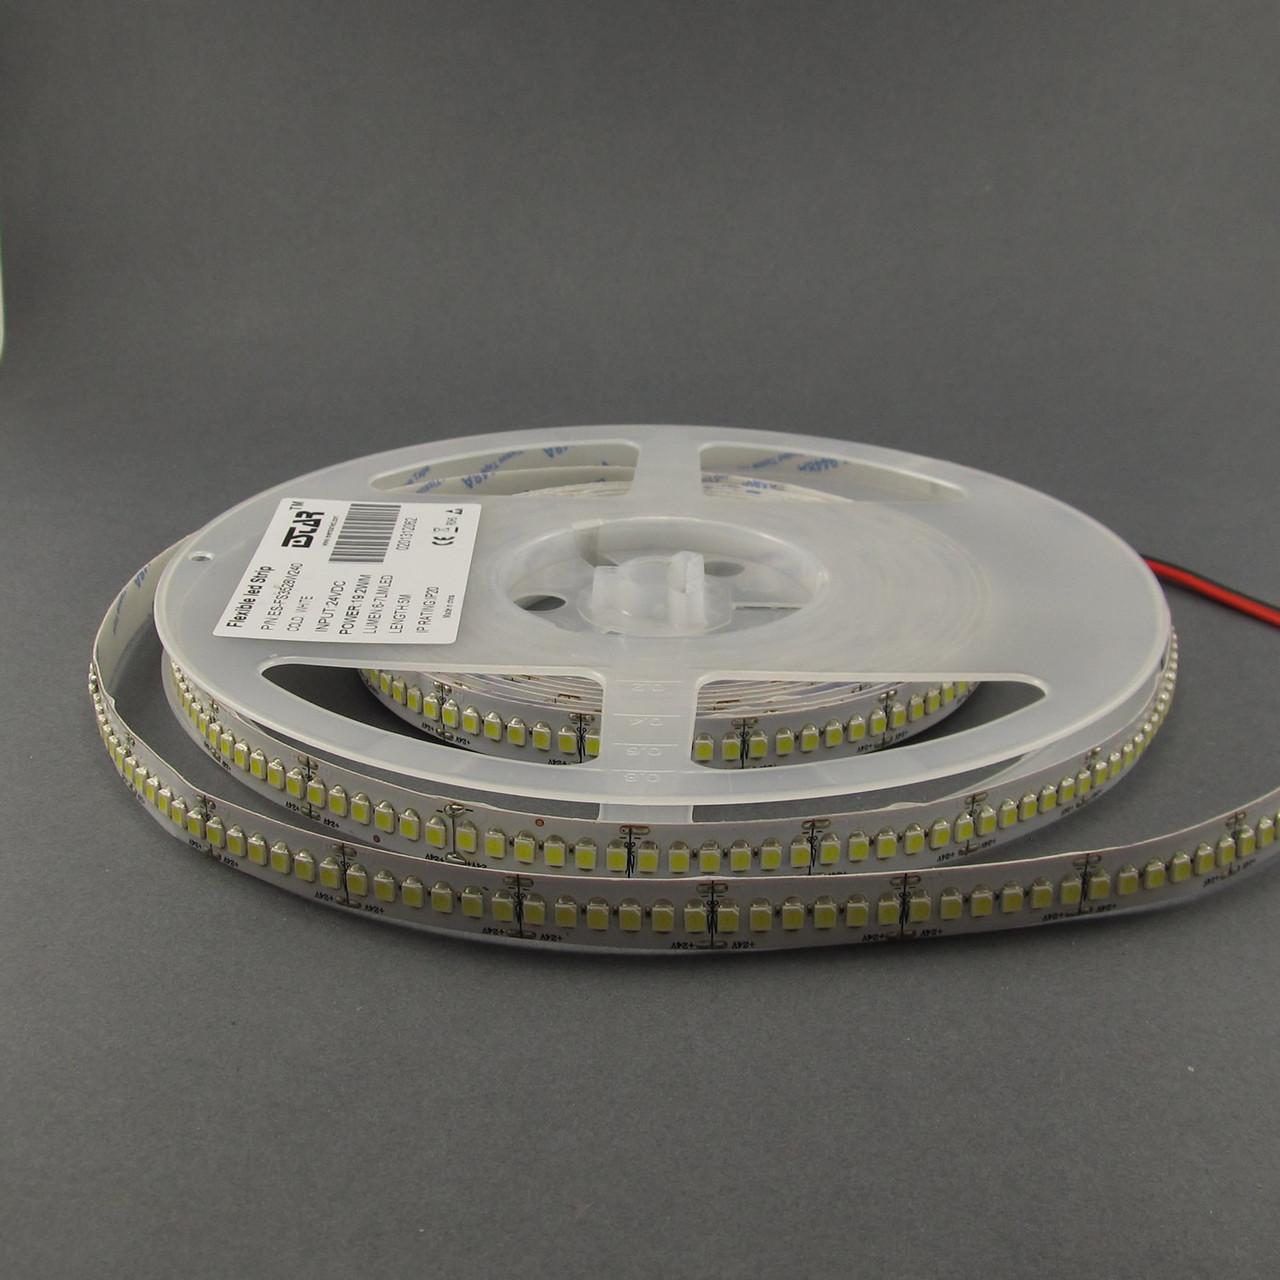 Светодиодная лента 3528/240 IP20 24В премиум